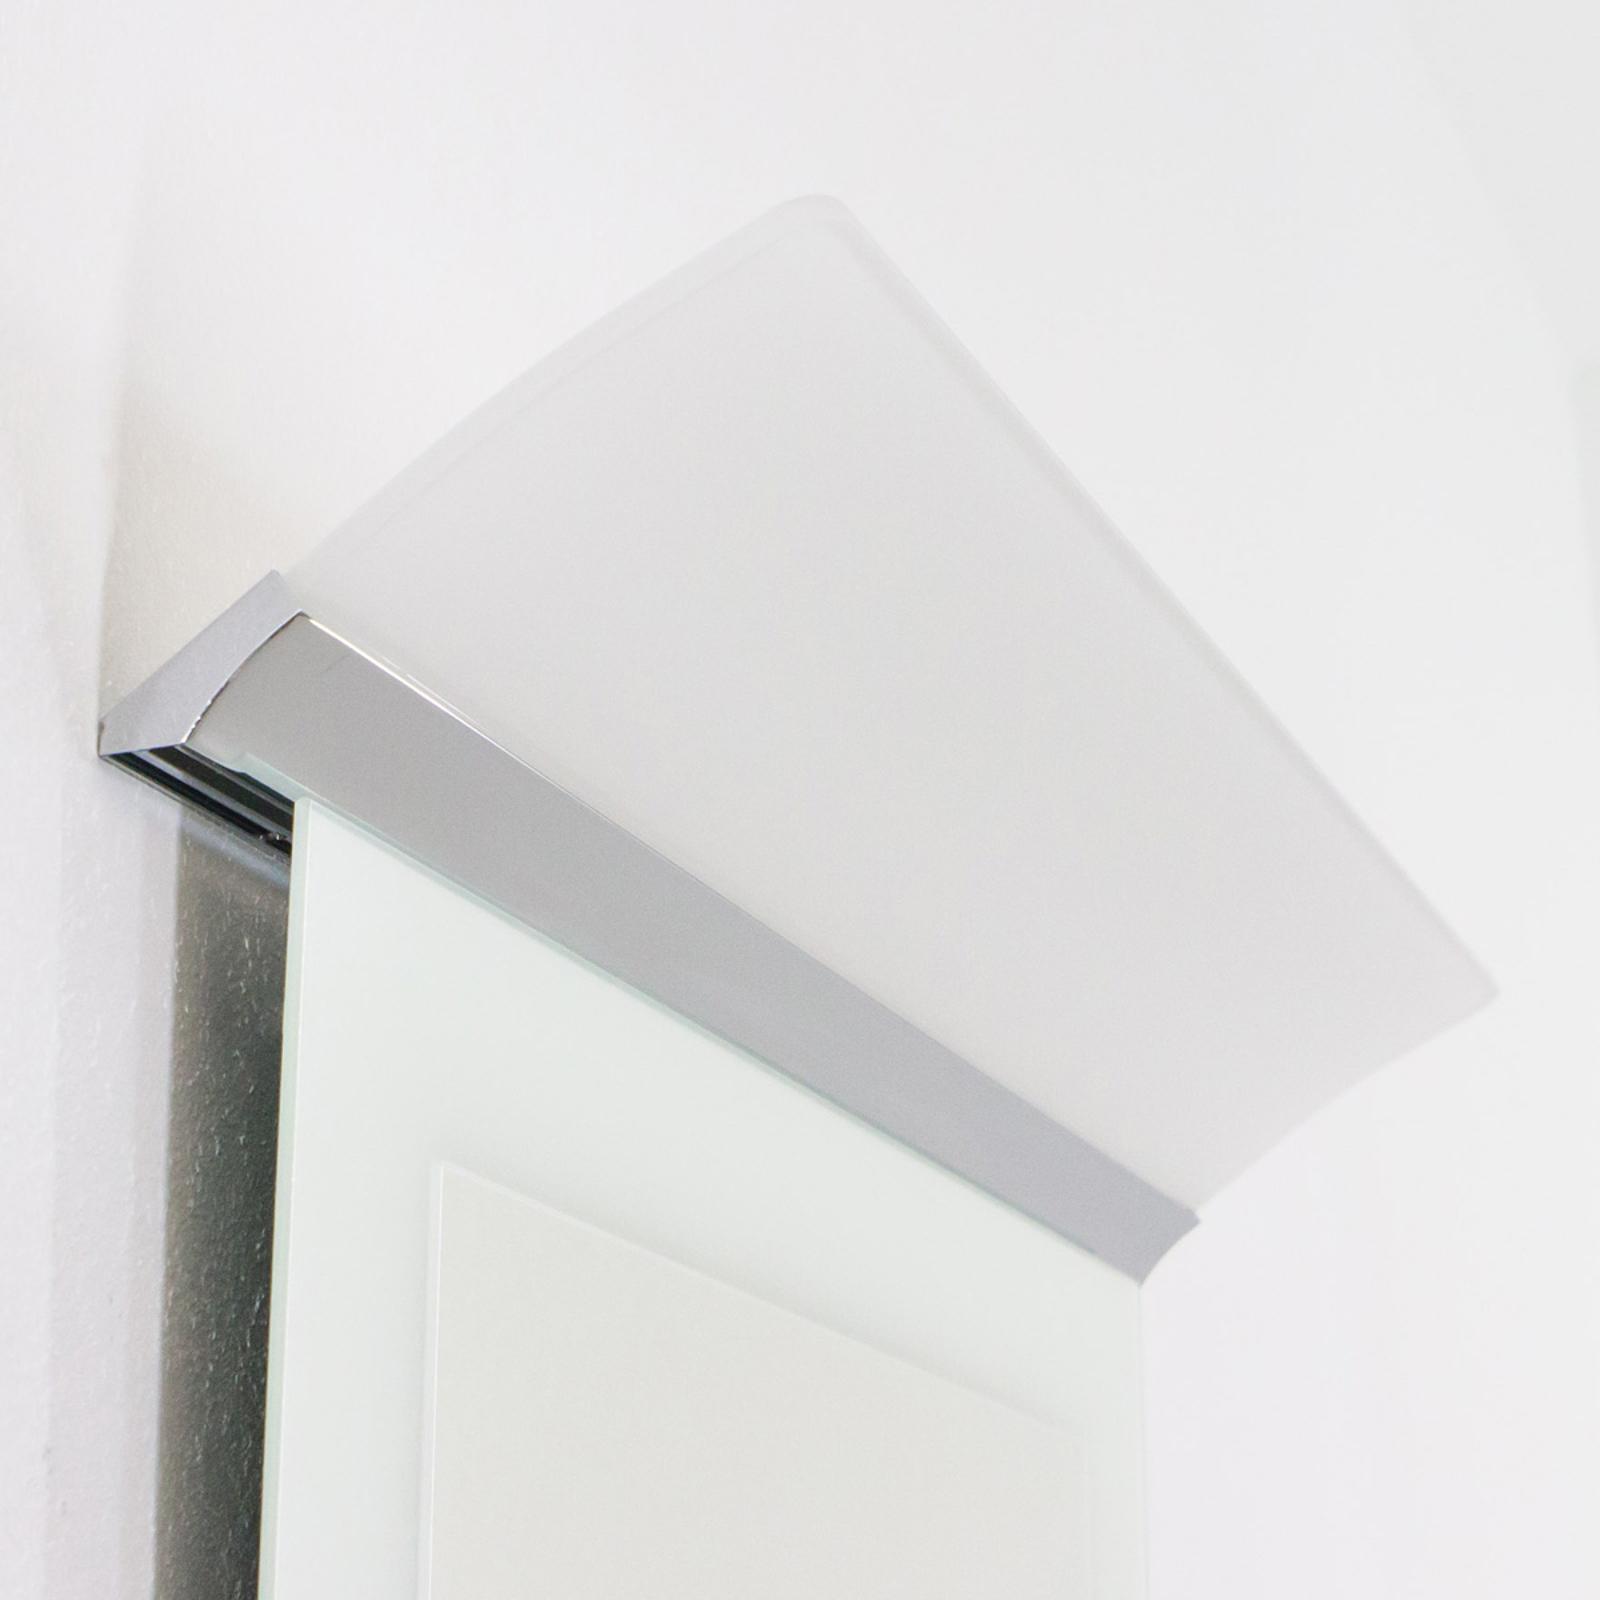 Ploché zrkadlové LED svietidlo Angela, IP44_3052031_1